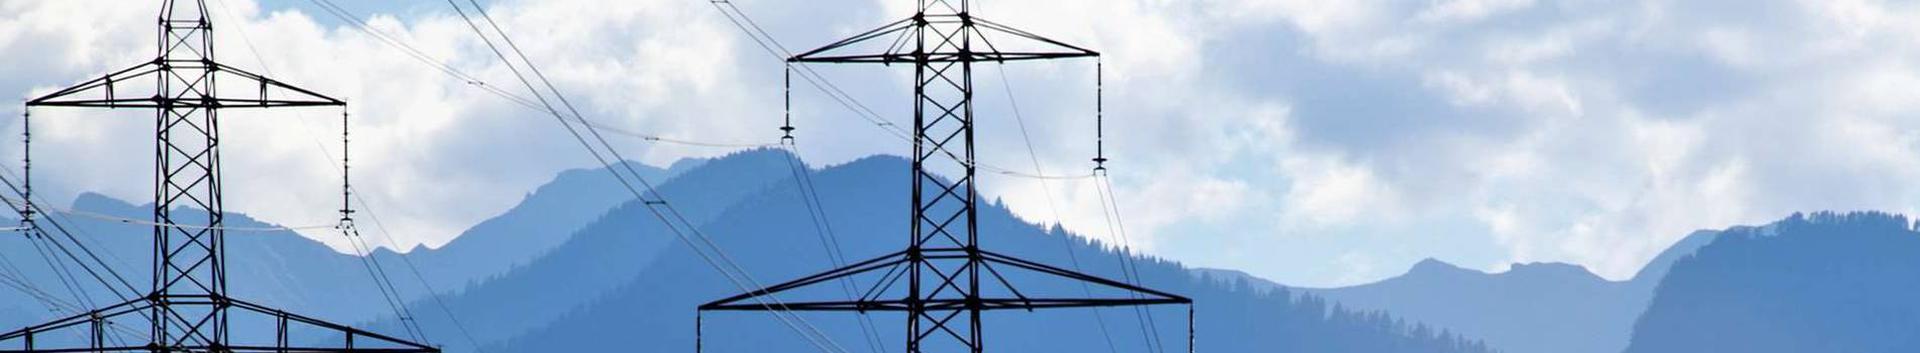 elektritööd jms teenused, tooted, konsultatsioonid